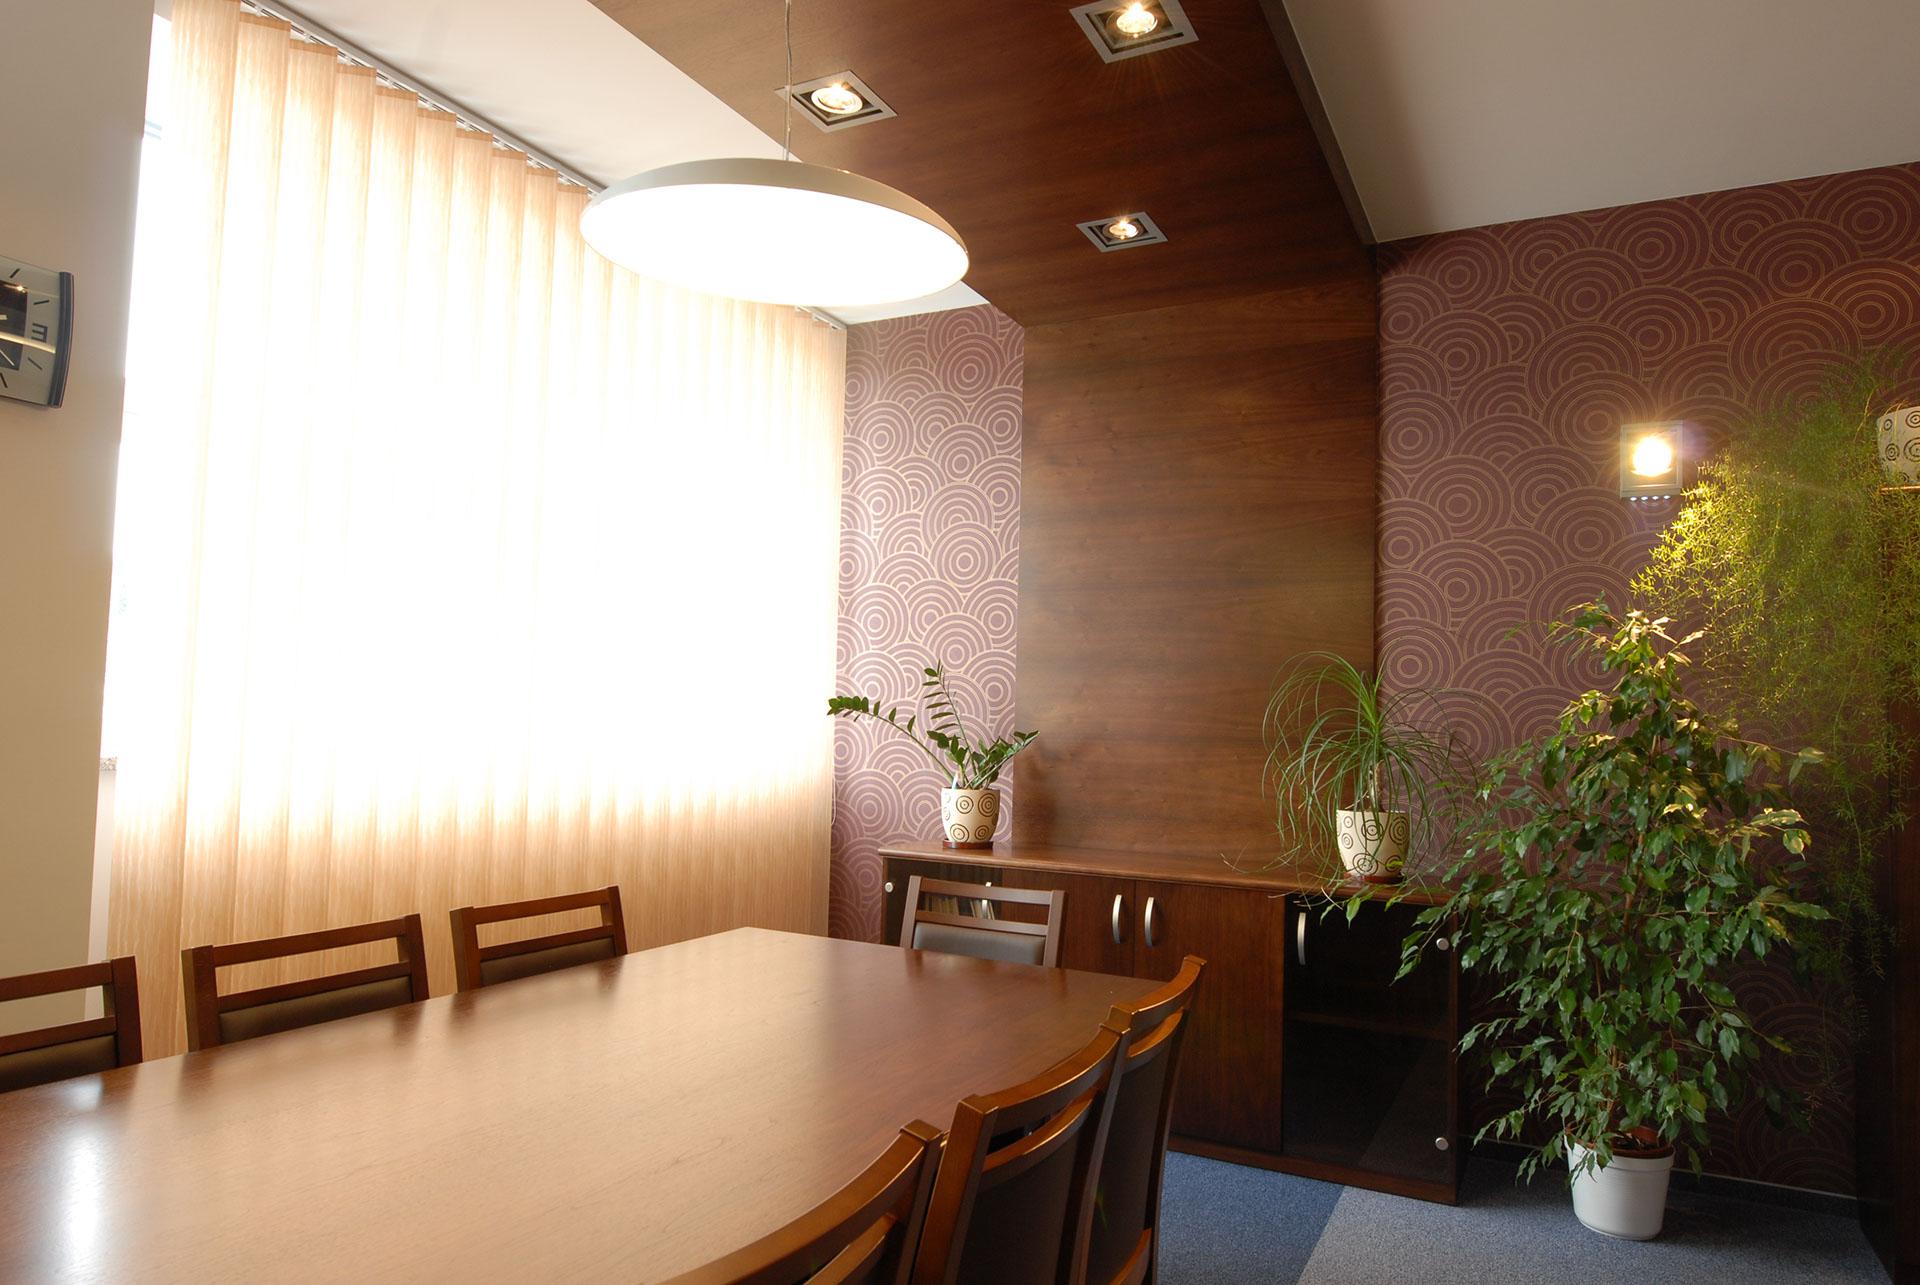 Gabinet połączony z miejscem spotkań